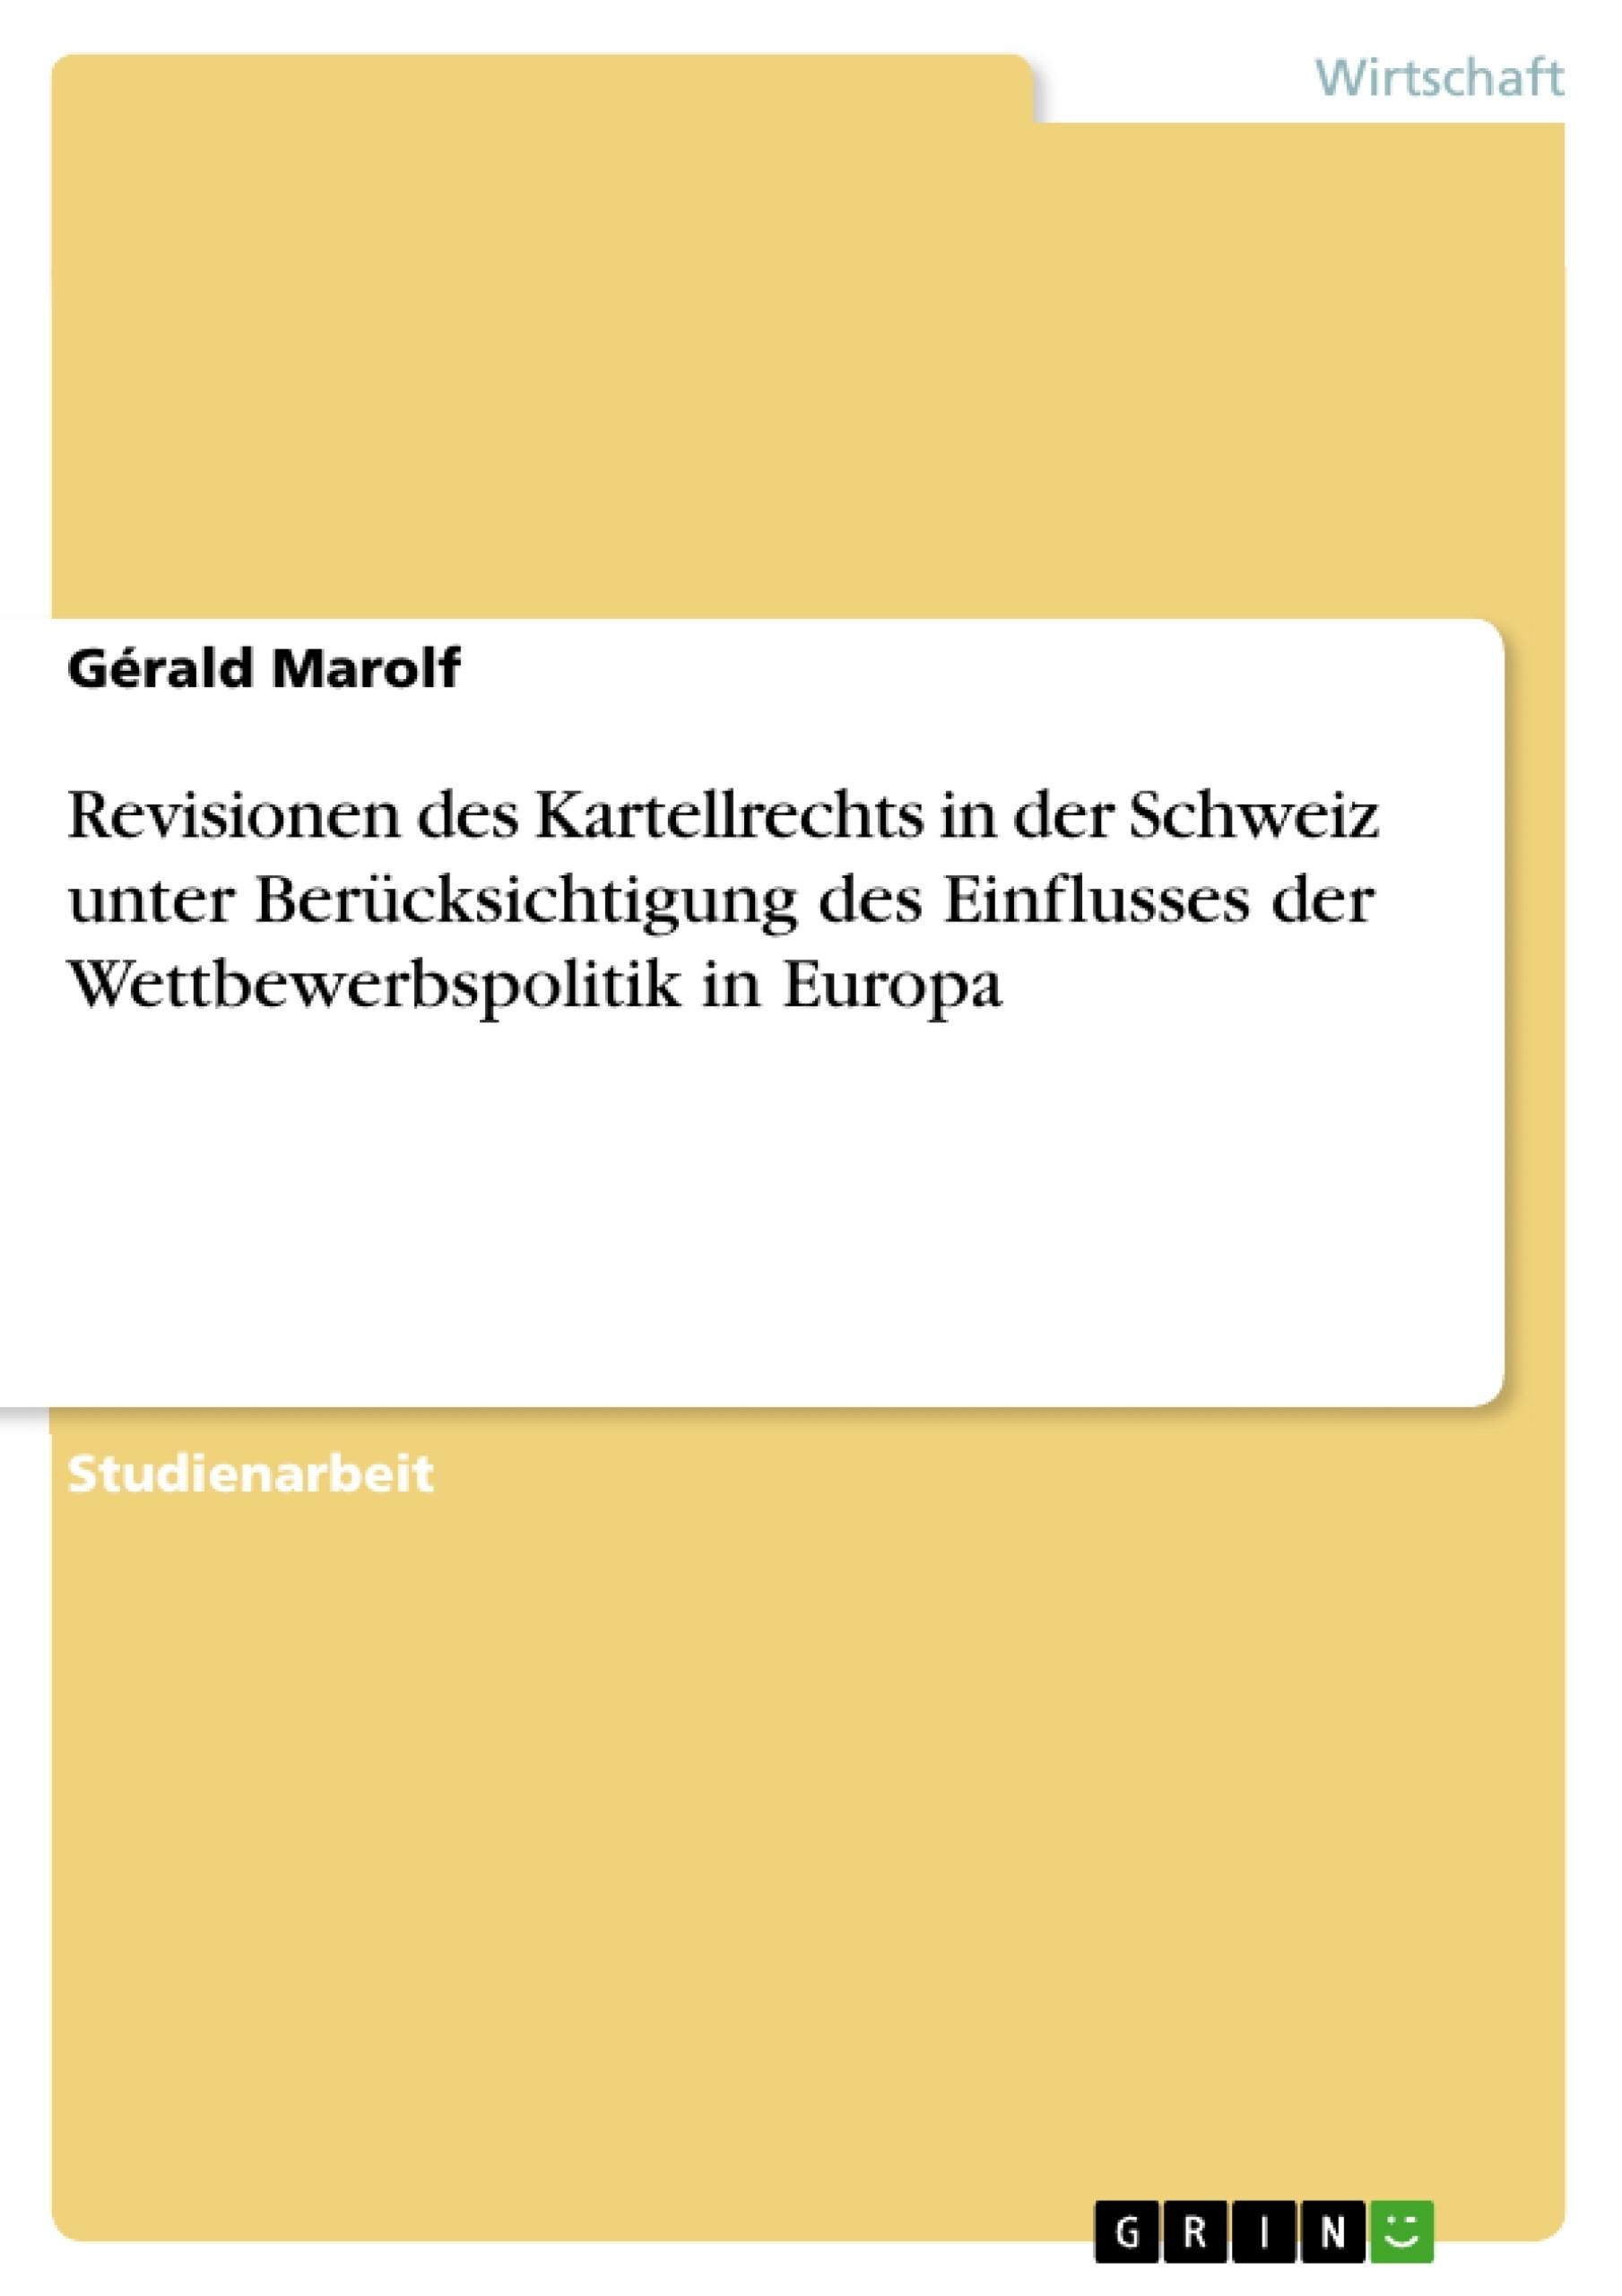 Titel: Revisionen des Kartellrechts in der Schweiz unter  Berücksichtigung des Einflusses der Wettbewerbspolitik in Europa